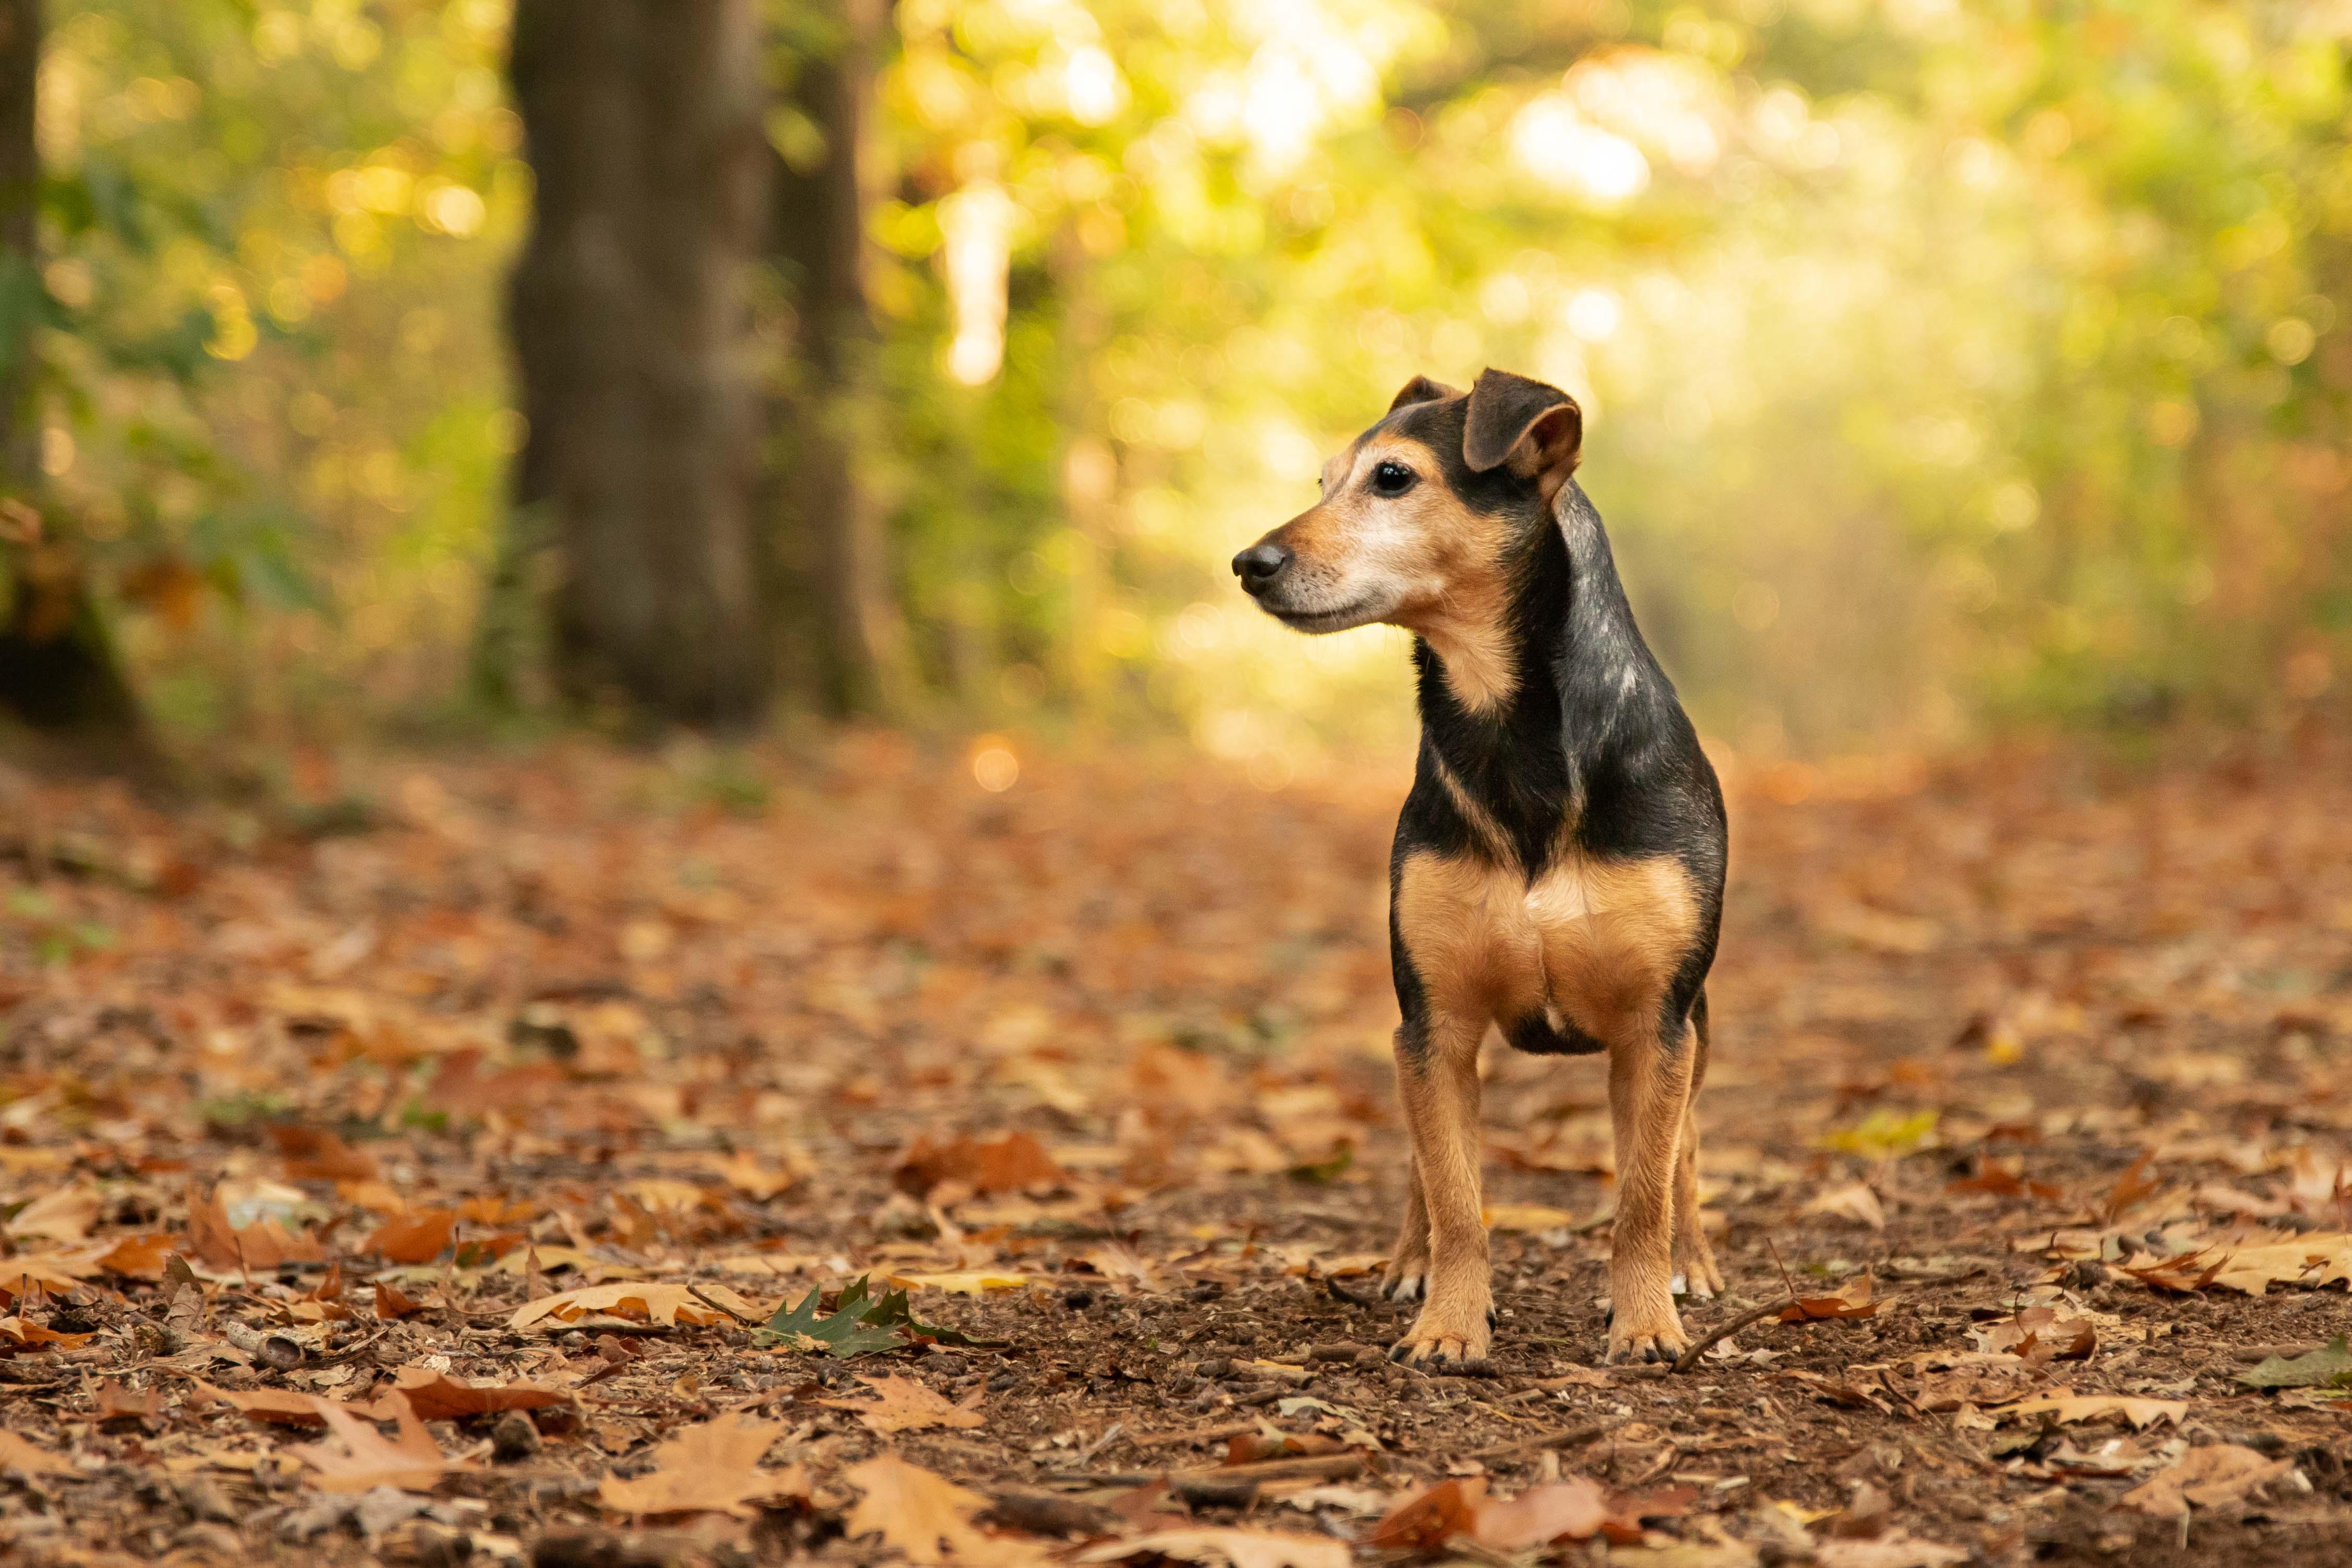 Marleen Verheul Fotografie, hondenfotografie, hondenfotograaf, Jack Russell in het bos met herfstkleuren